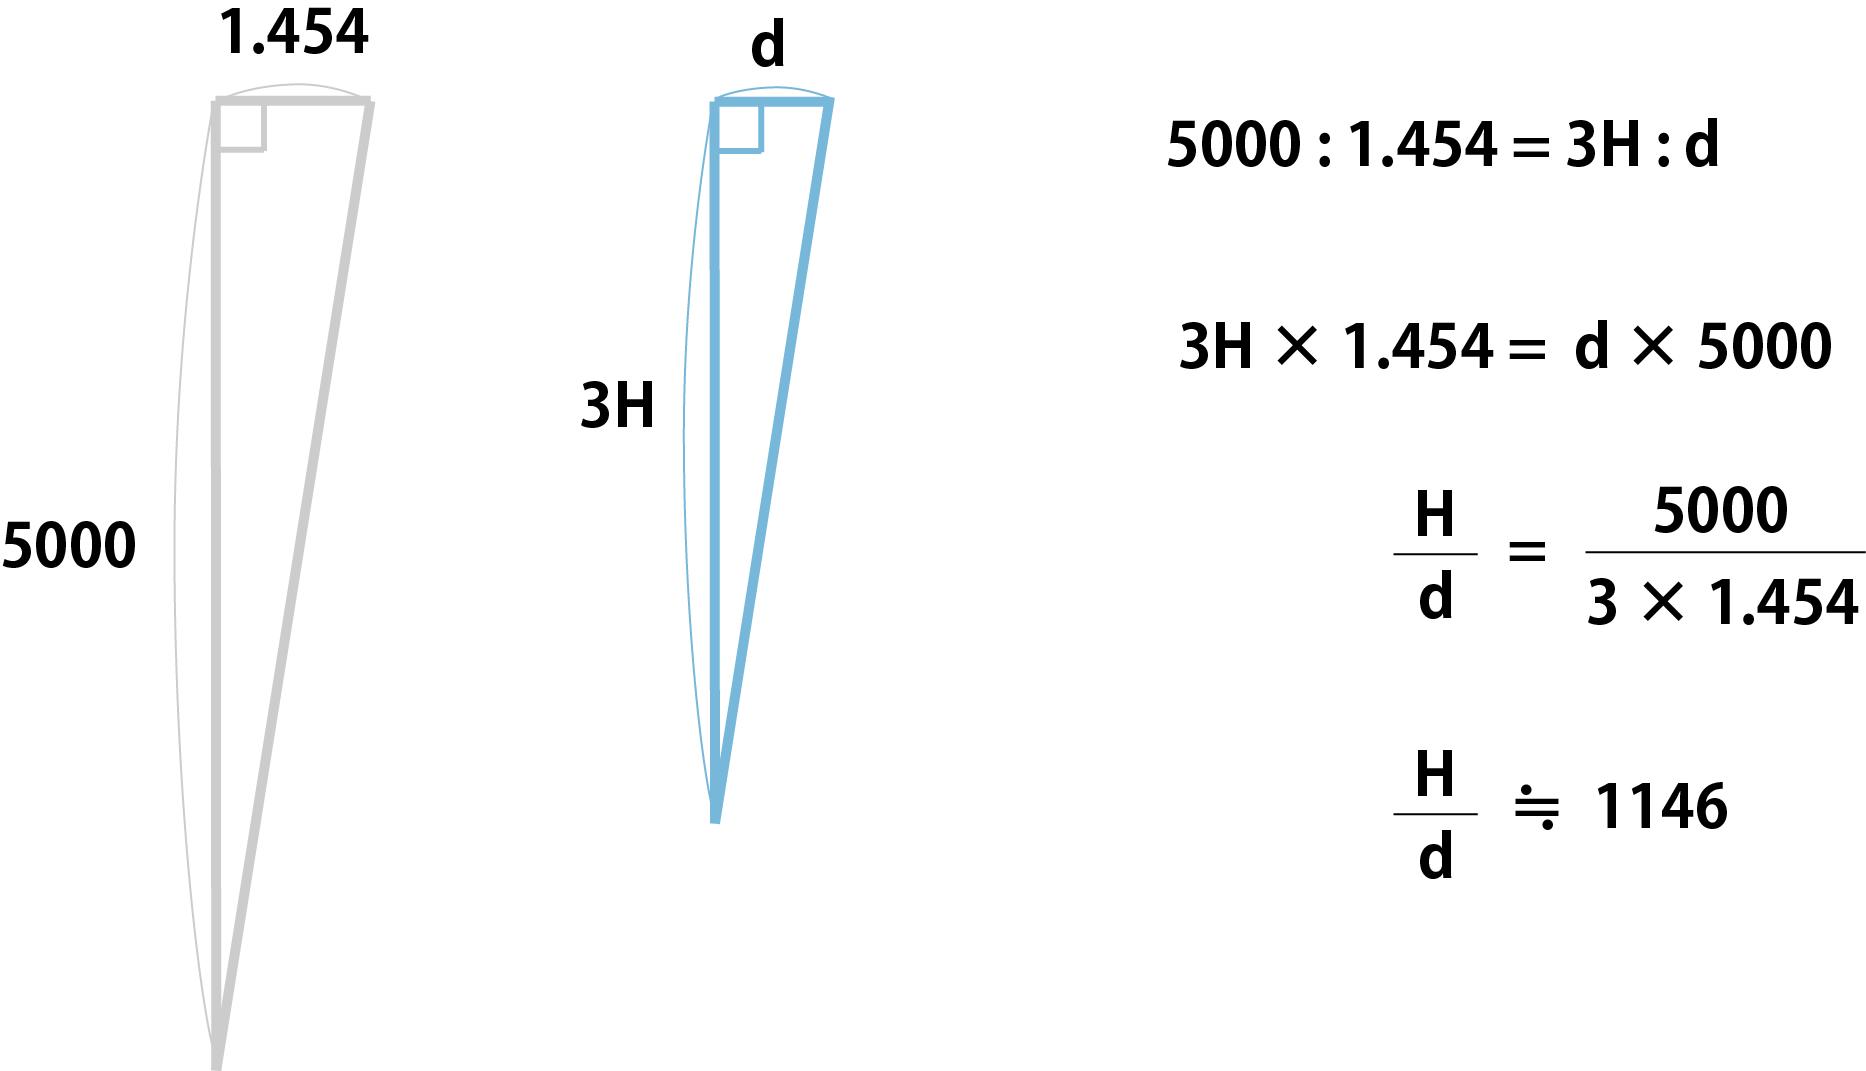 ハイビジョン走査線数の計算